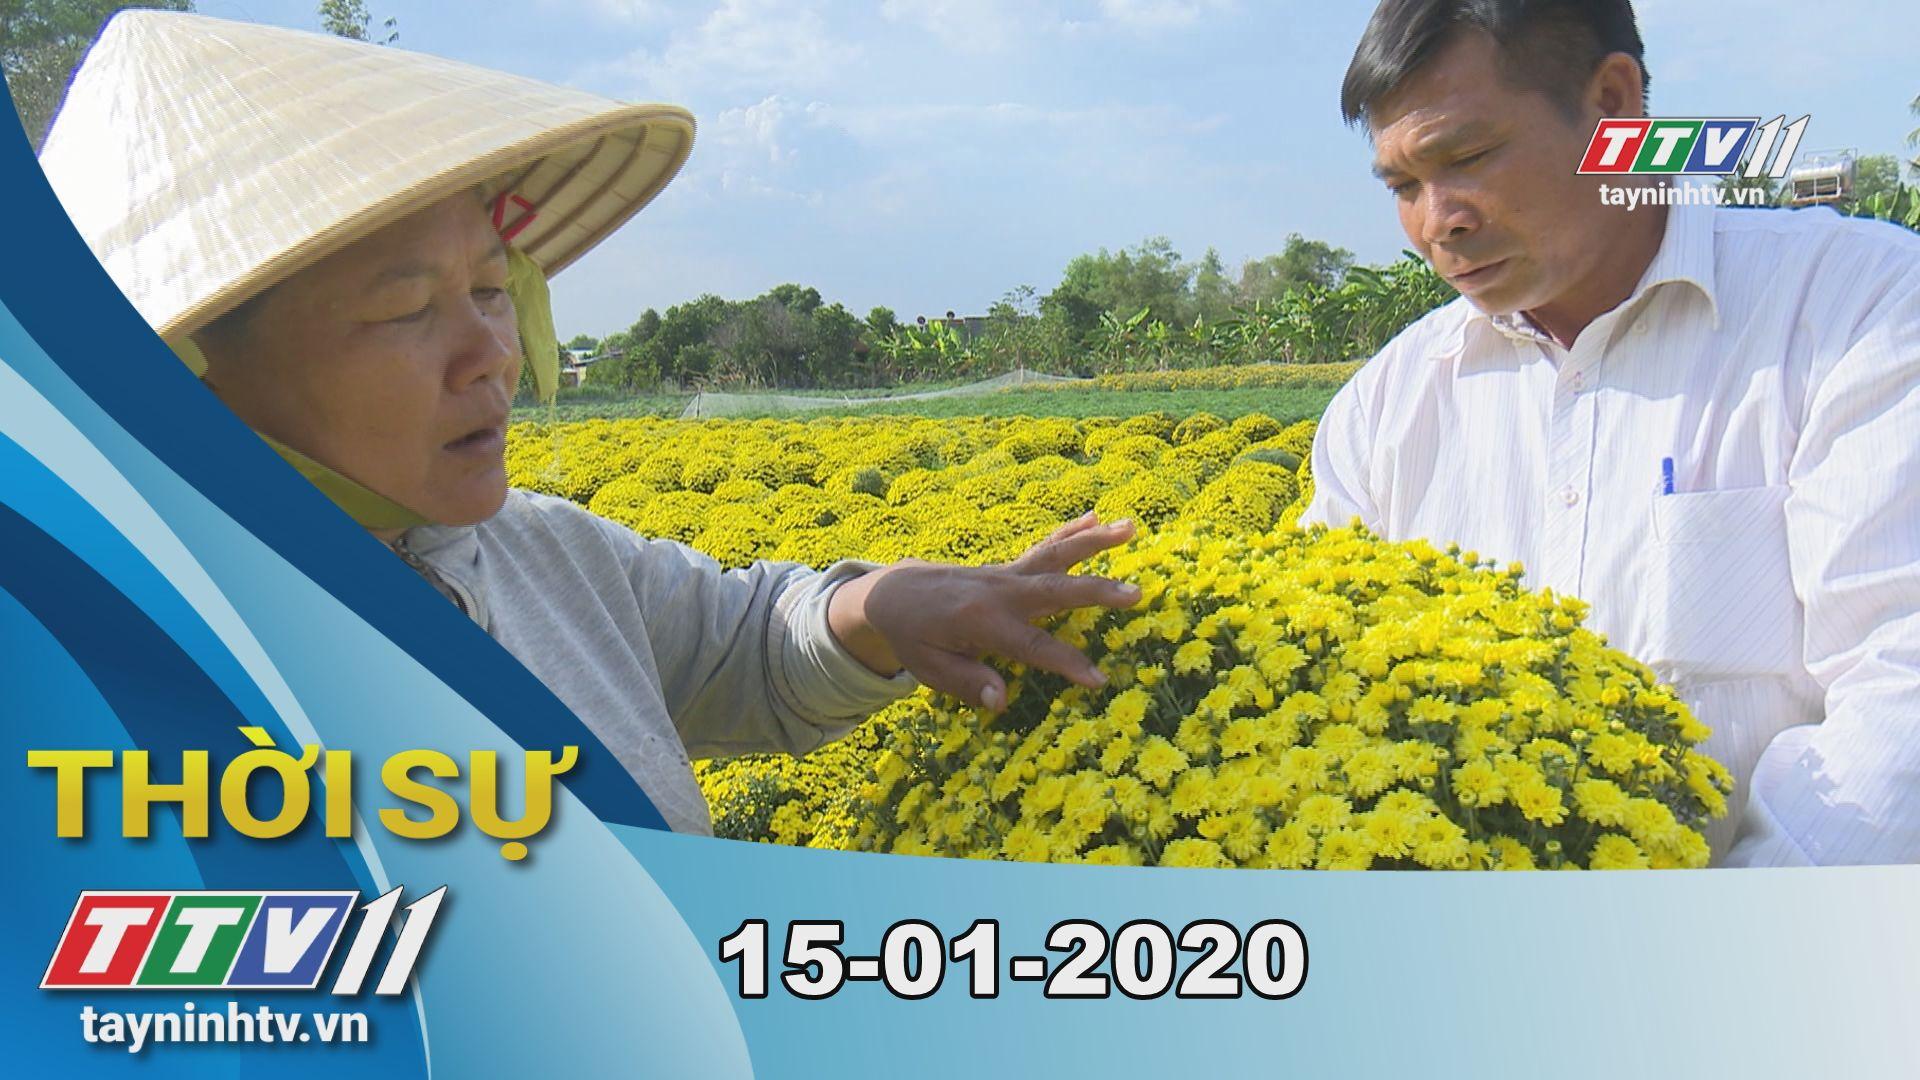 Thời sự Tây Ninh 15-01-2020 | Tin tức hôm nay | TayNinhTV